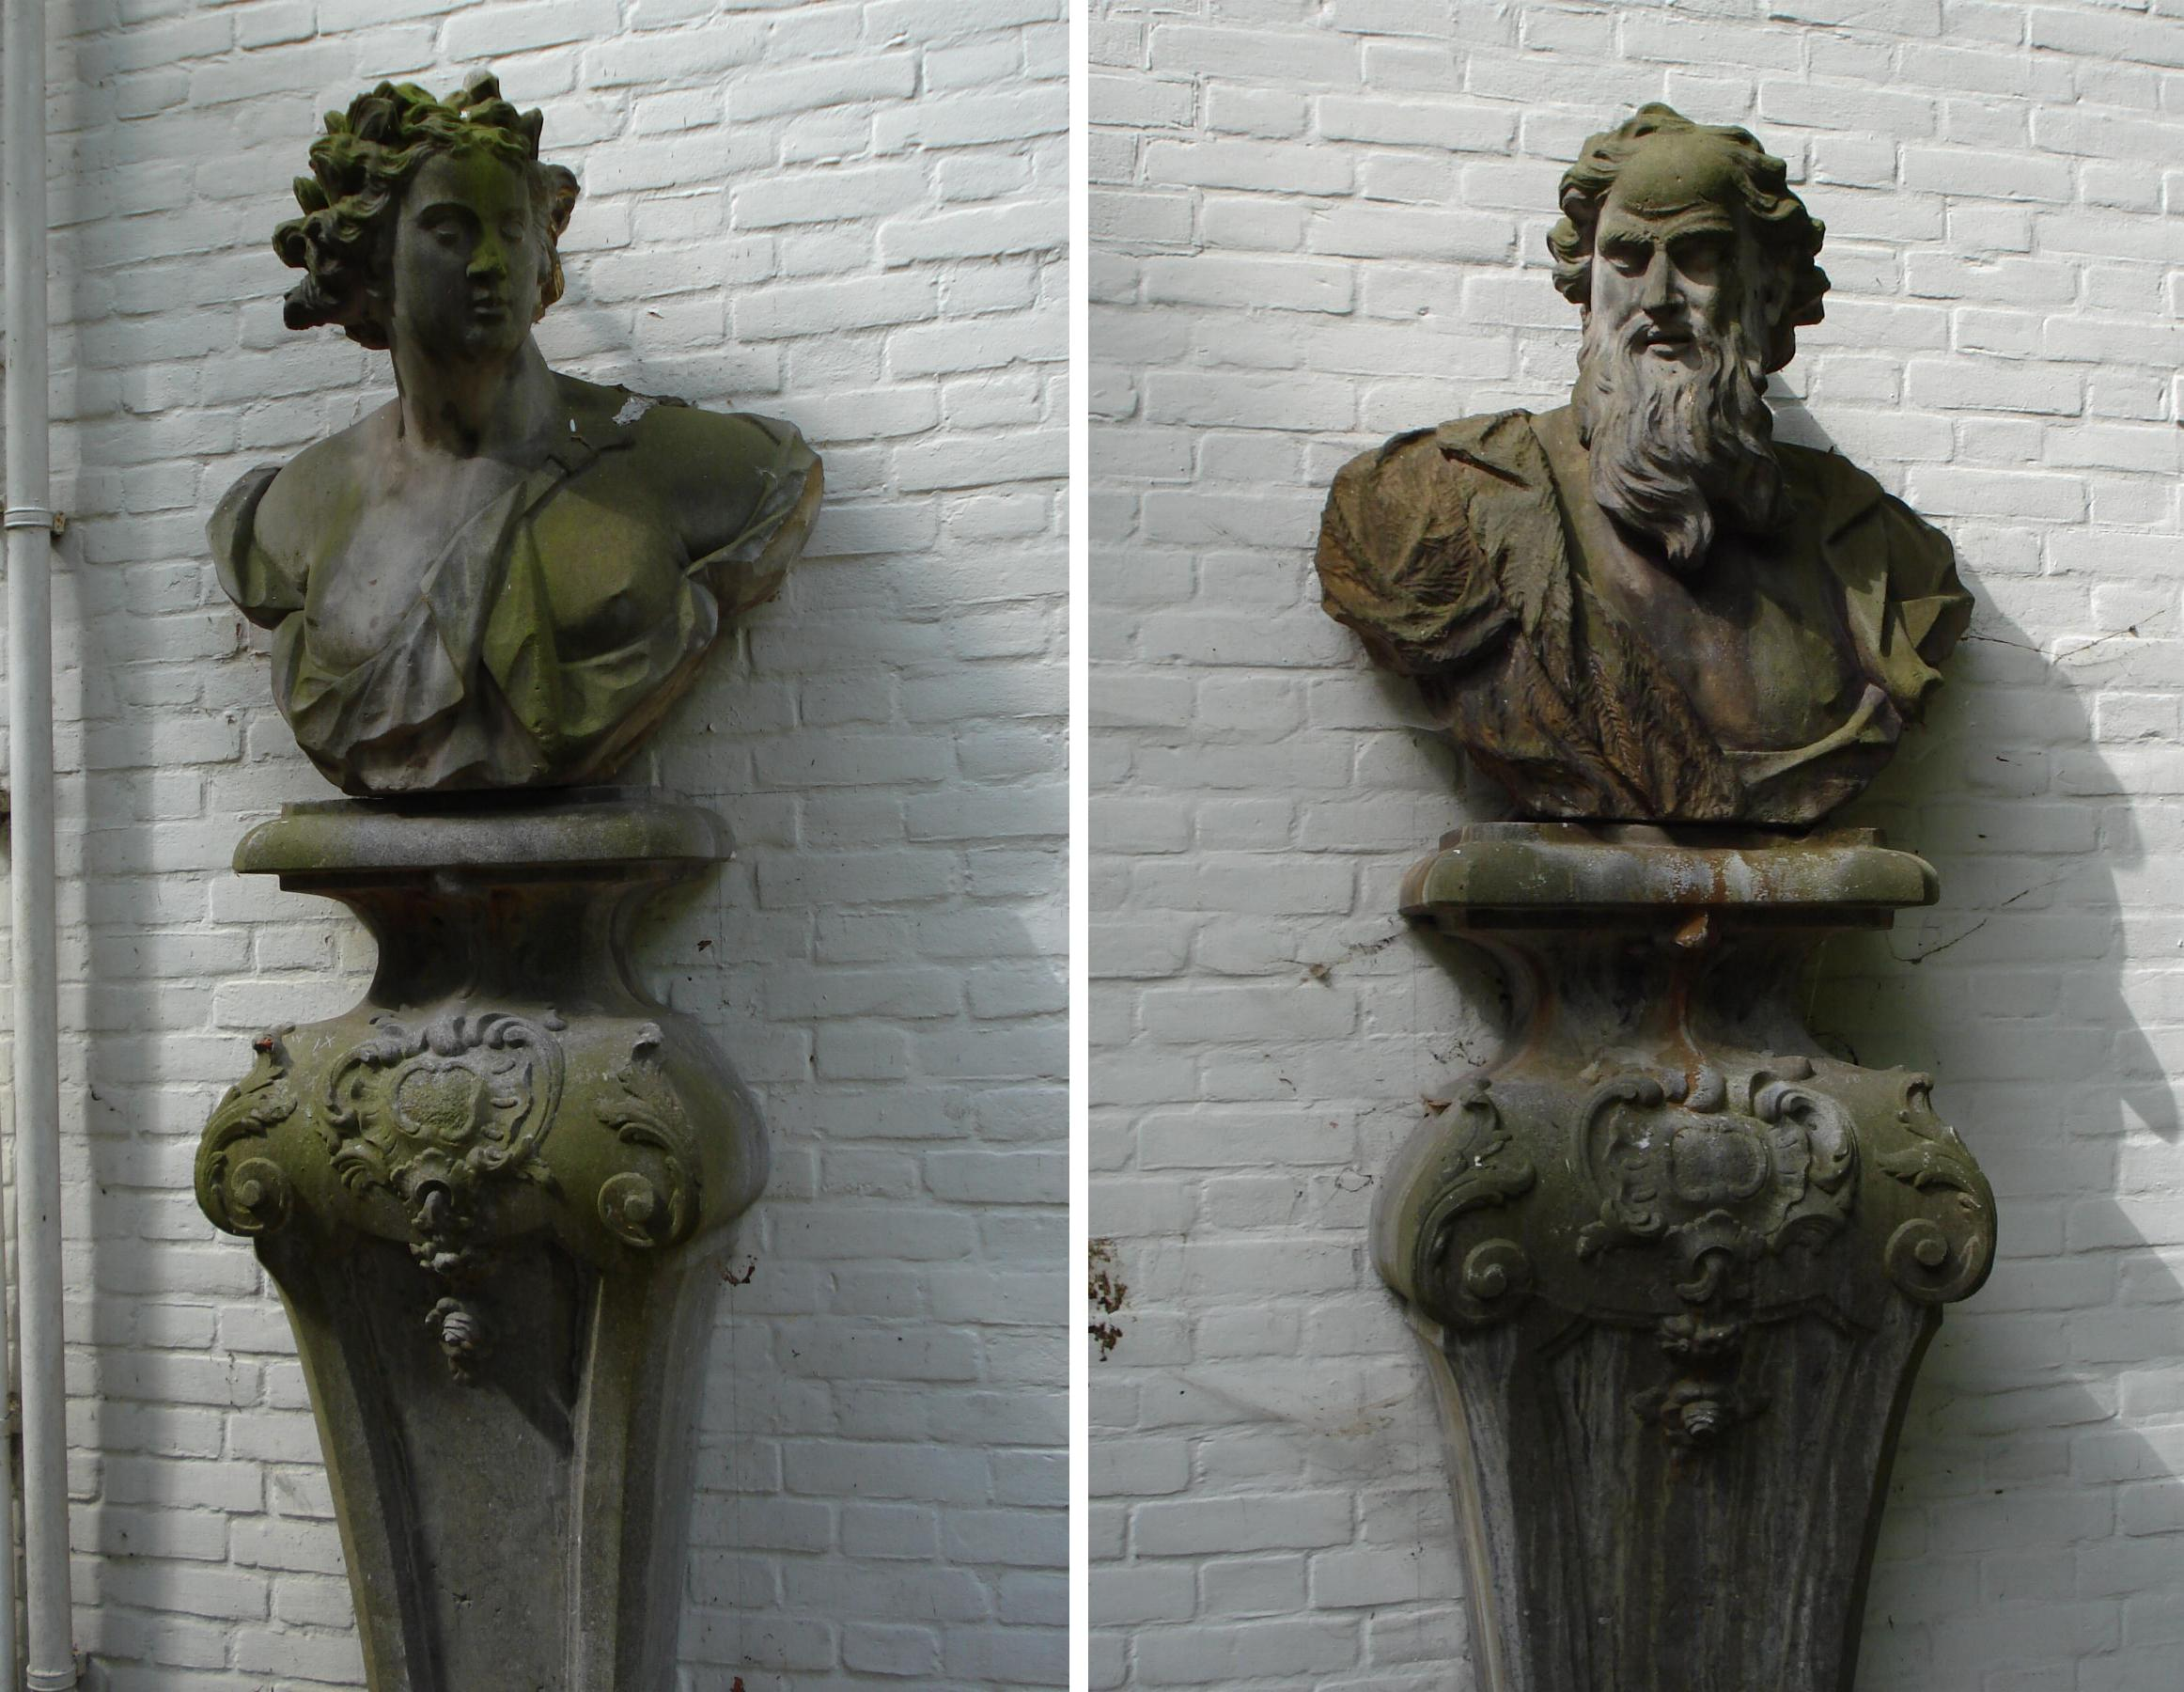 De tempel twee borstbeelden op sokkels in rotterdam monument - Garderobe stijl van lodewijk xv ...